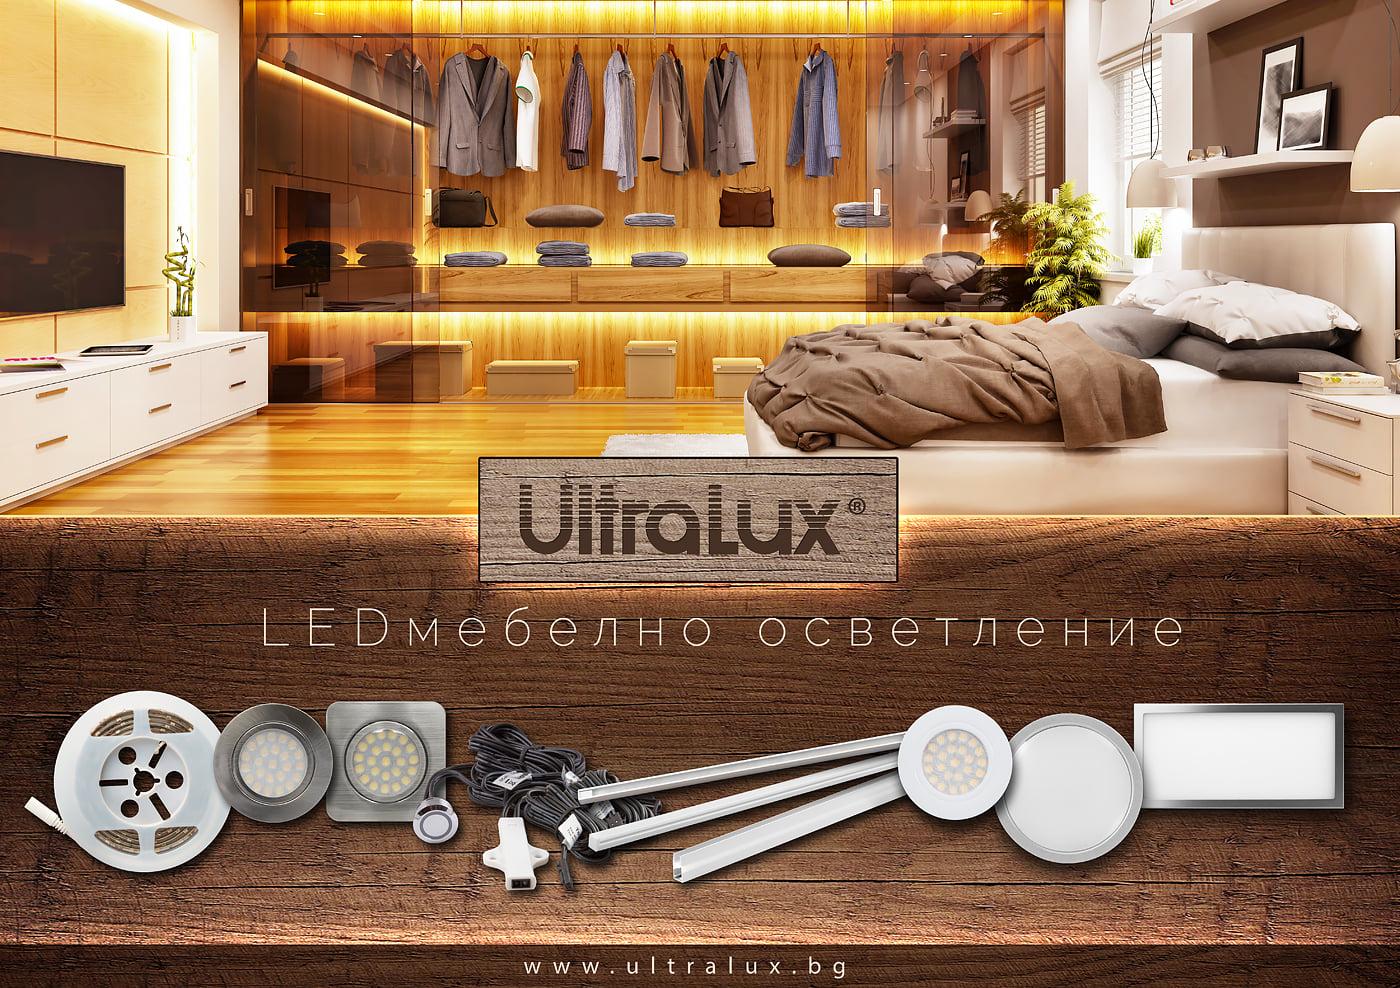 LED мебелни осветители